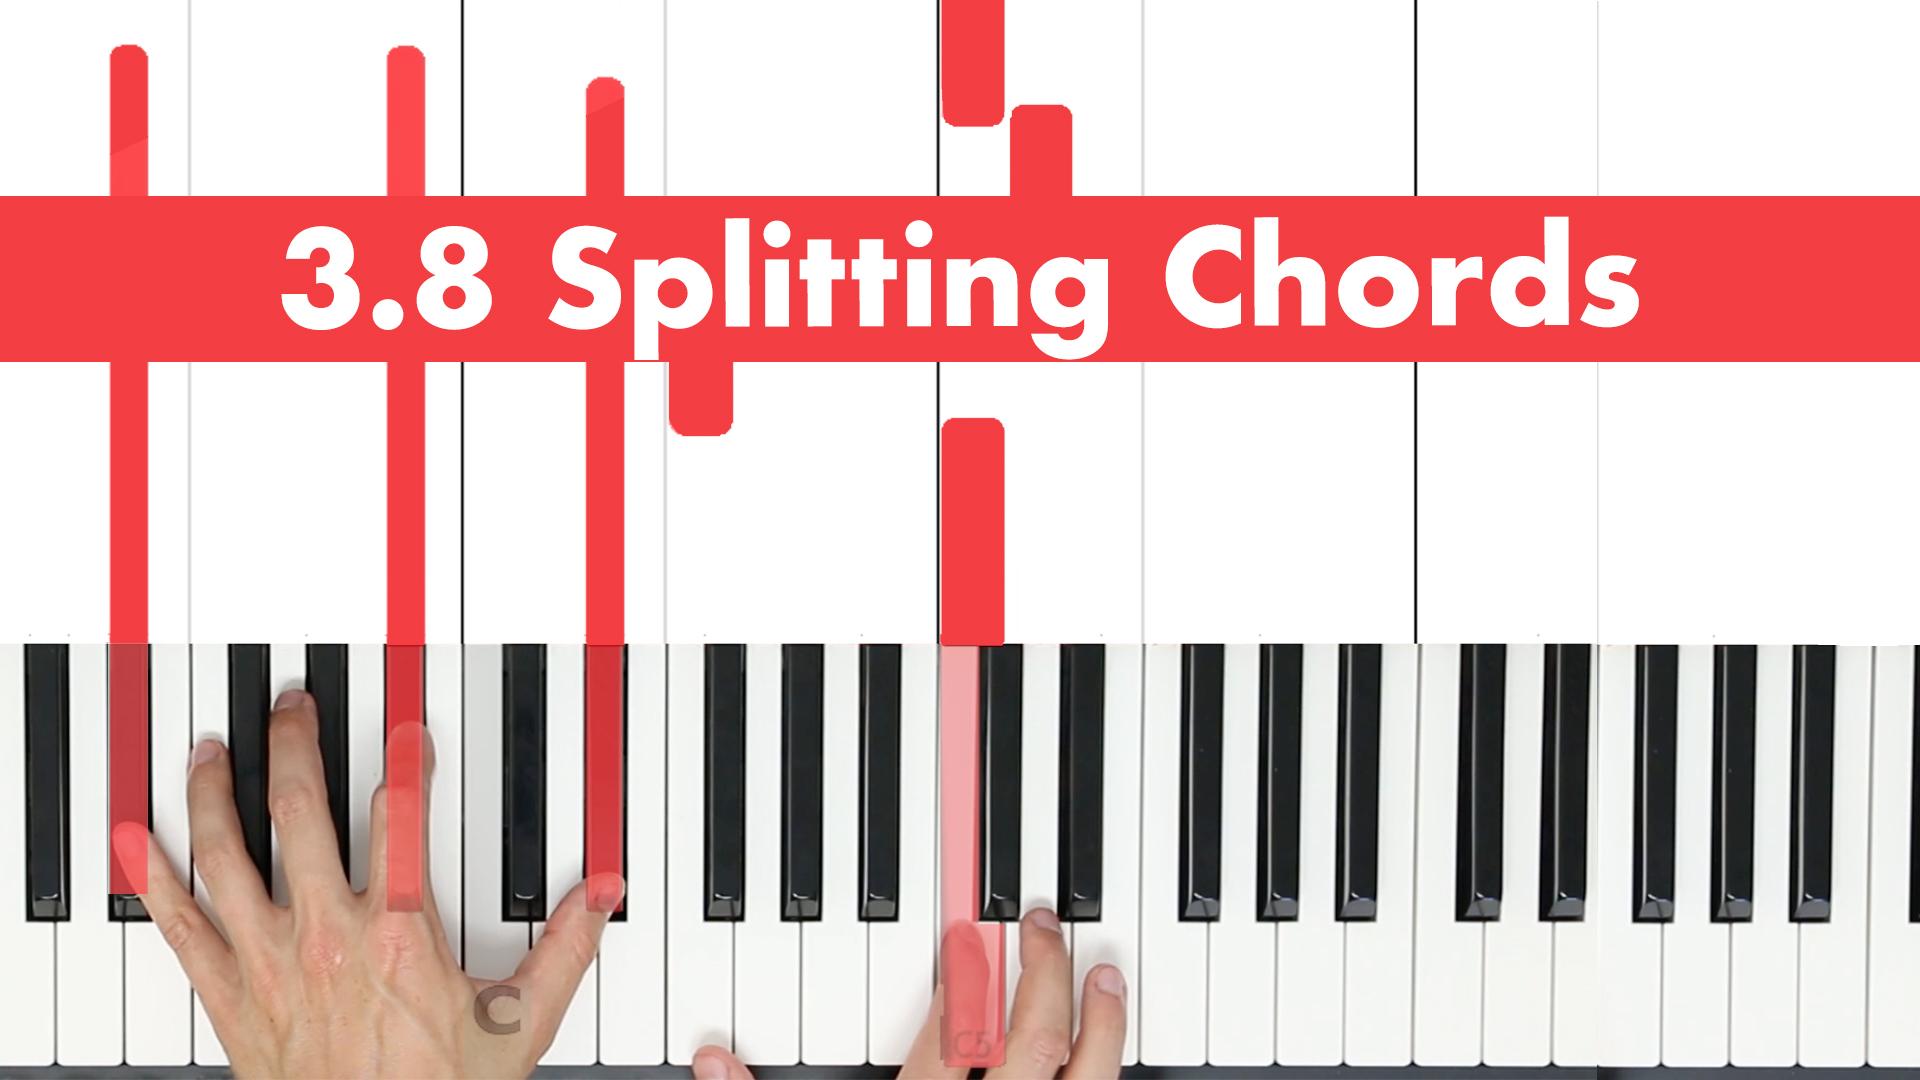 3.8 Splitting Chords